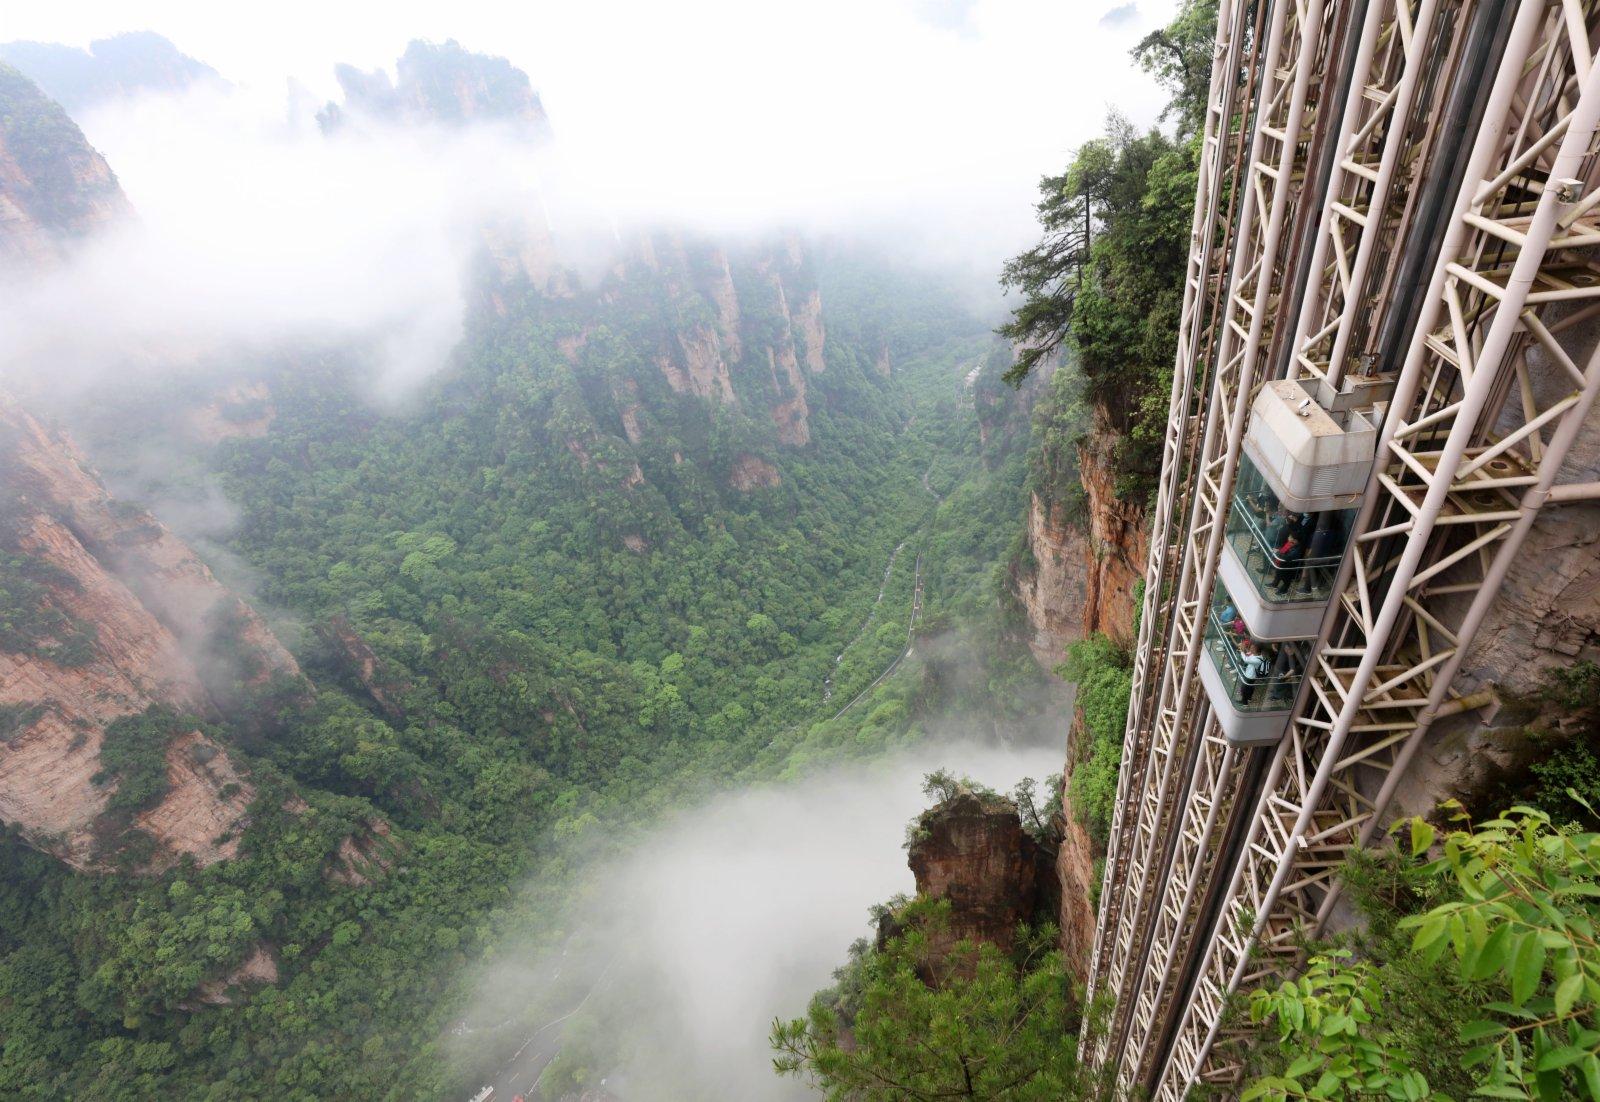 5月14日,遊人乘百龍天梯在雲霧繚繞的張家界武陵源景區遊覽。